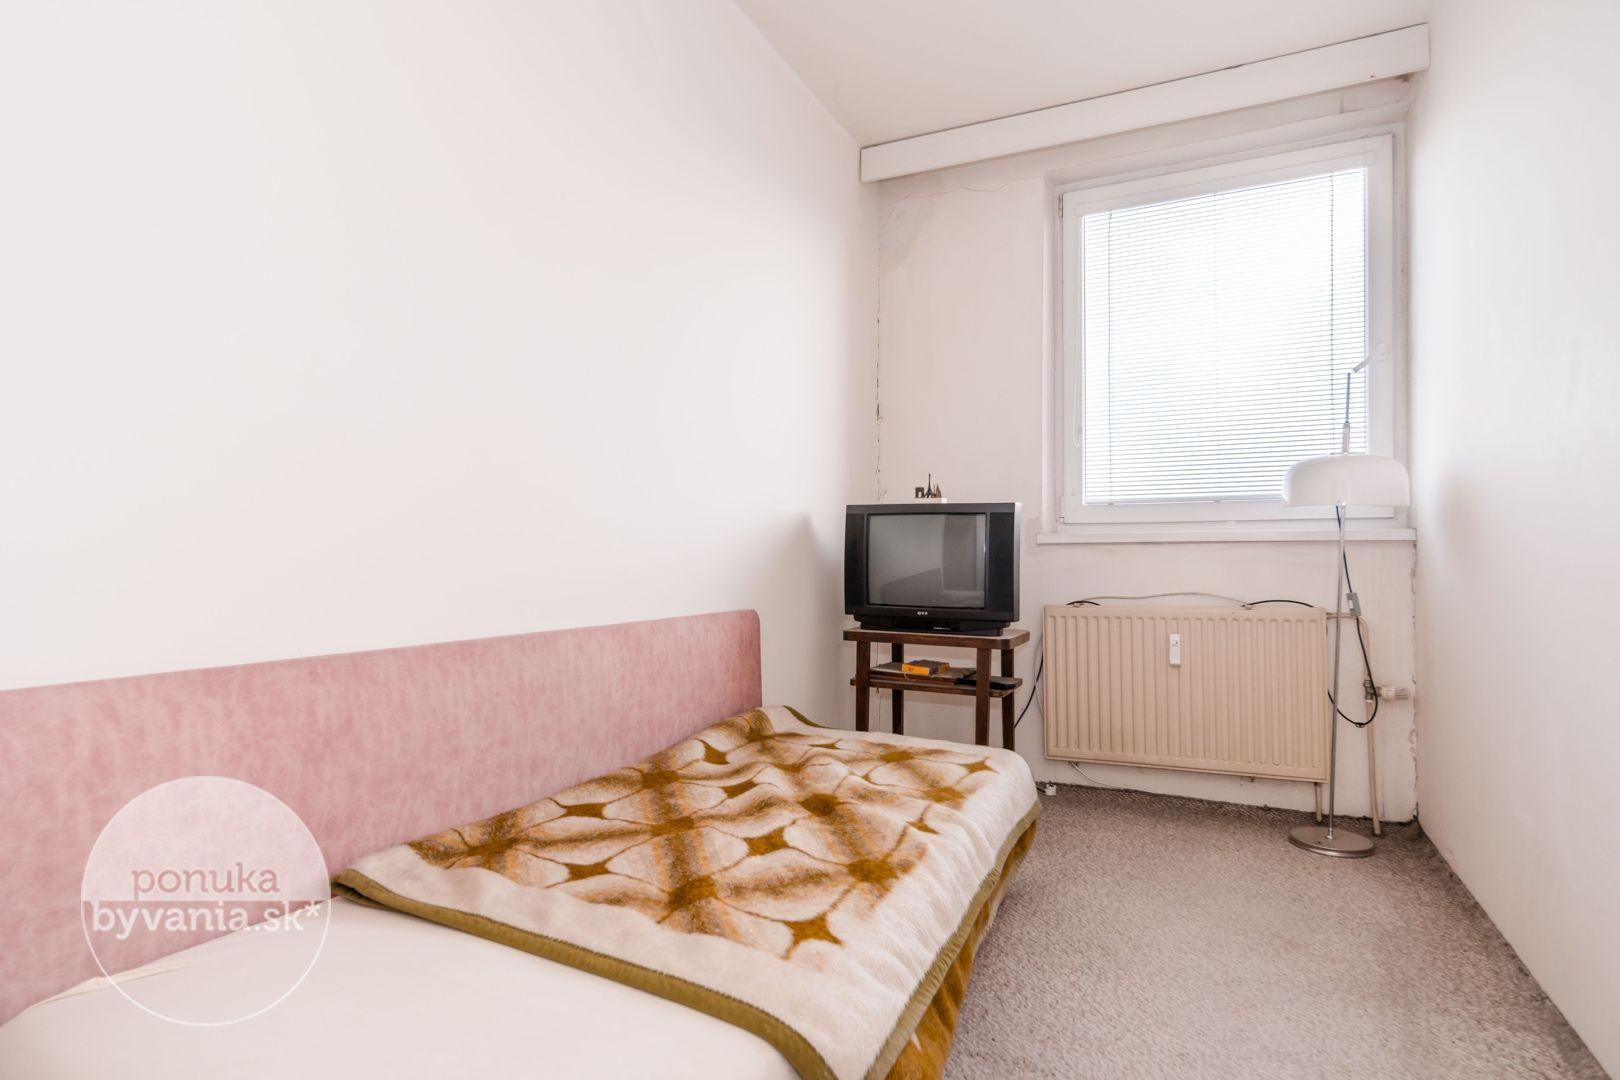 ponukabyvania.sk_Jungmannova_2-izbový-byt_KOVÁČ